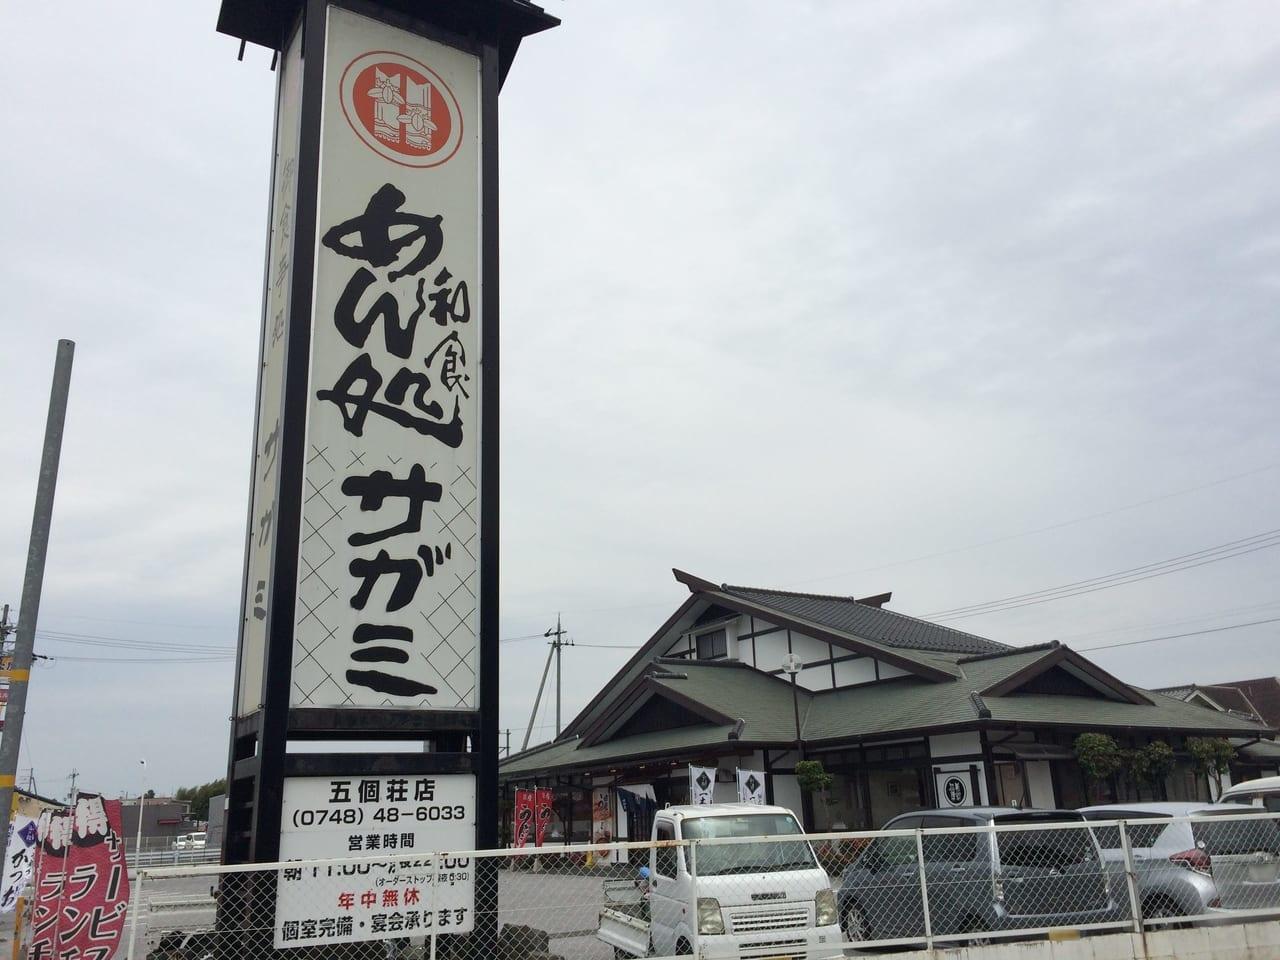 和食麺処サガミ五個荘店の外観